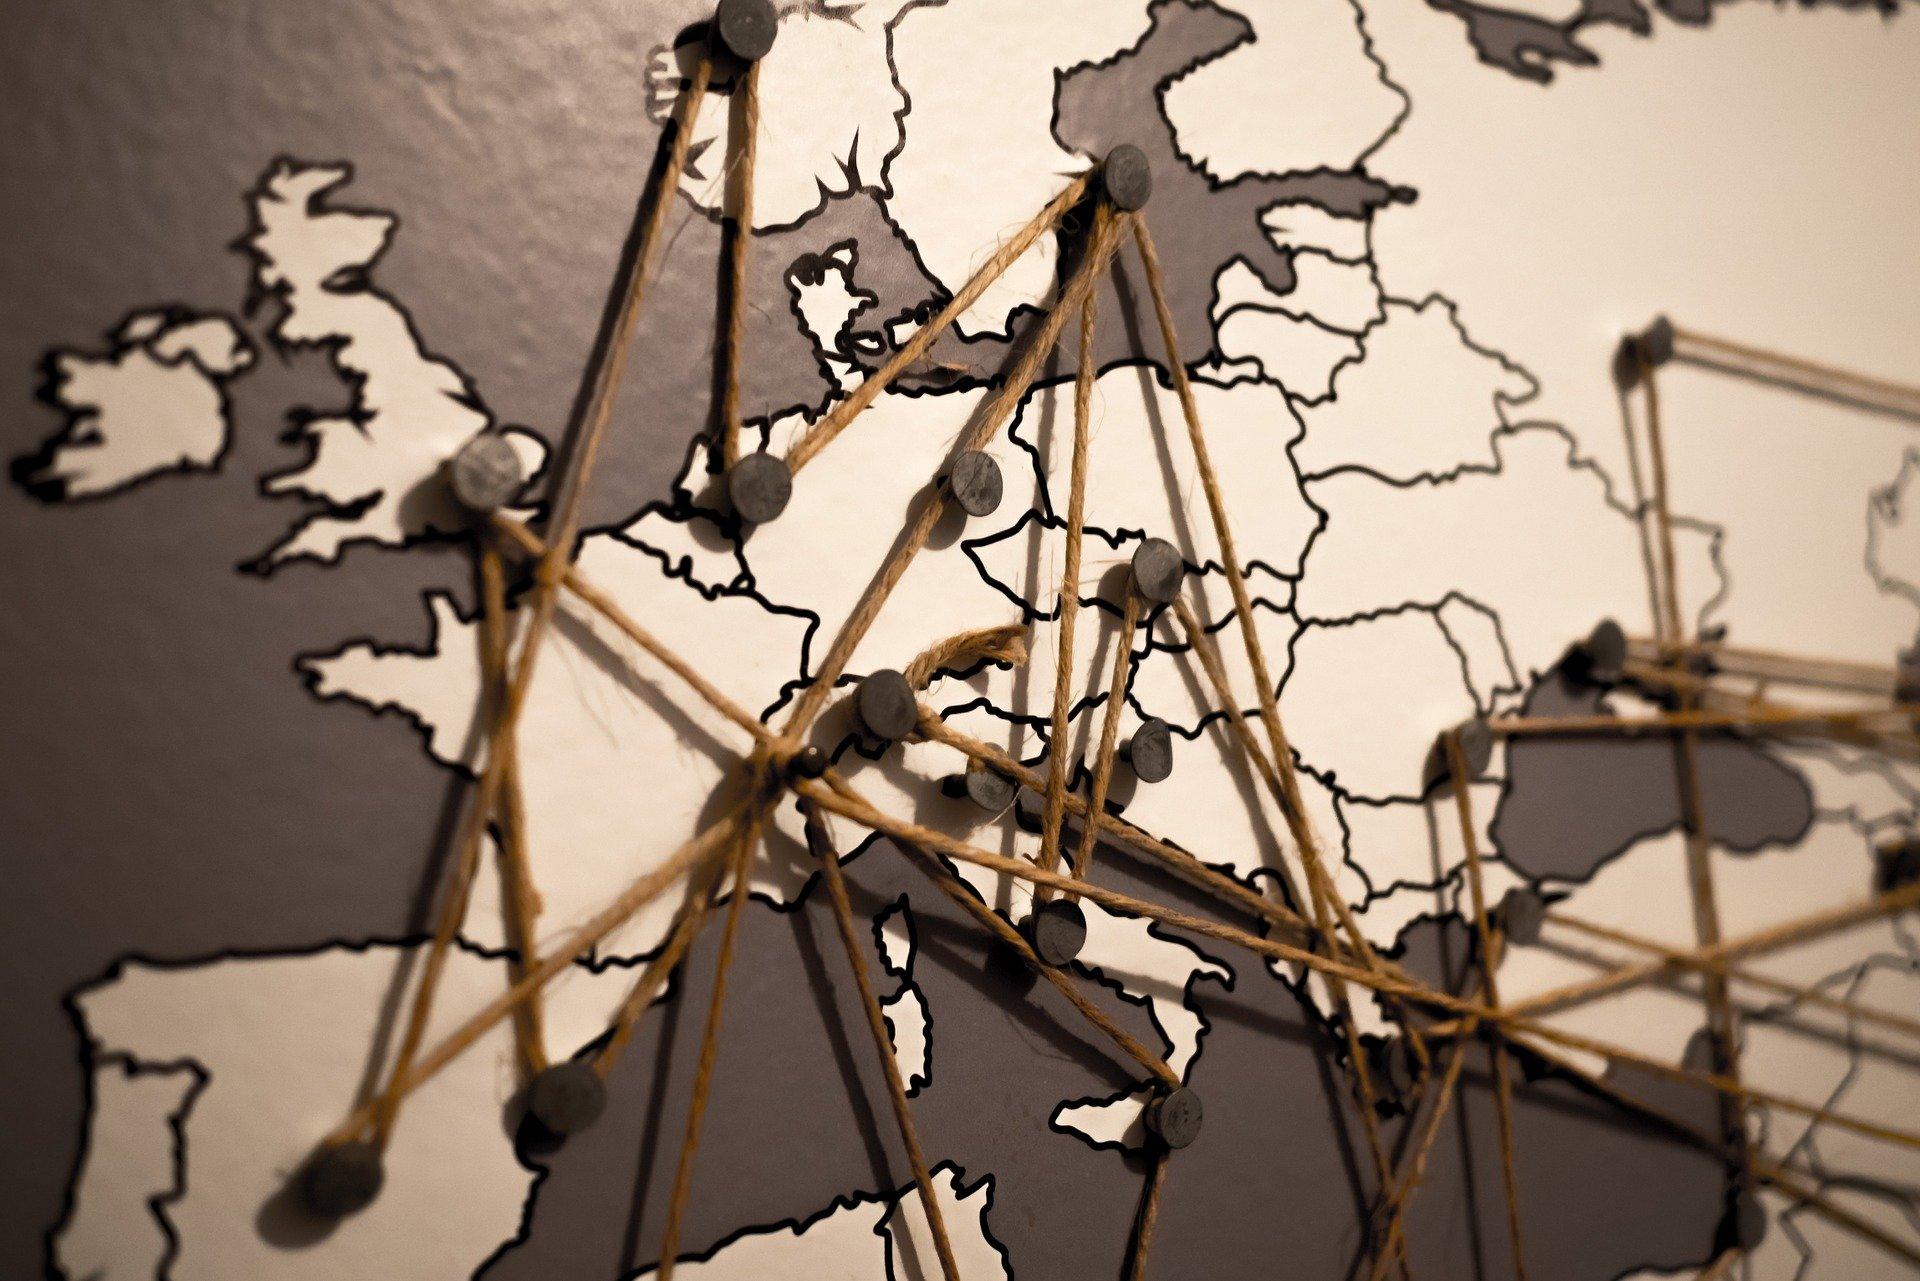 Europareise Route planen